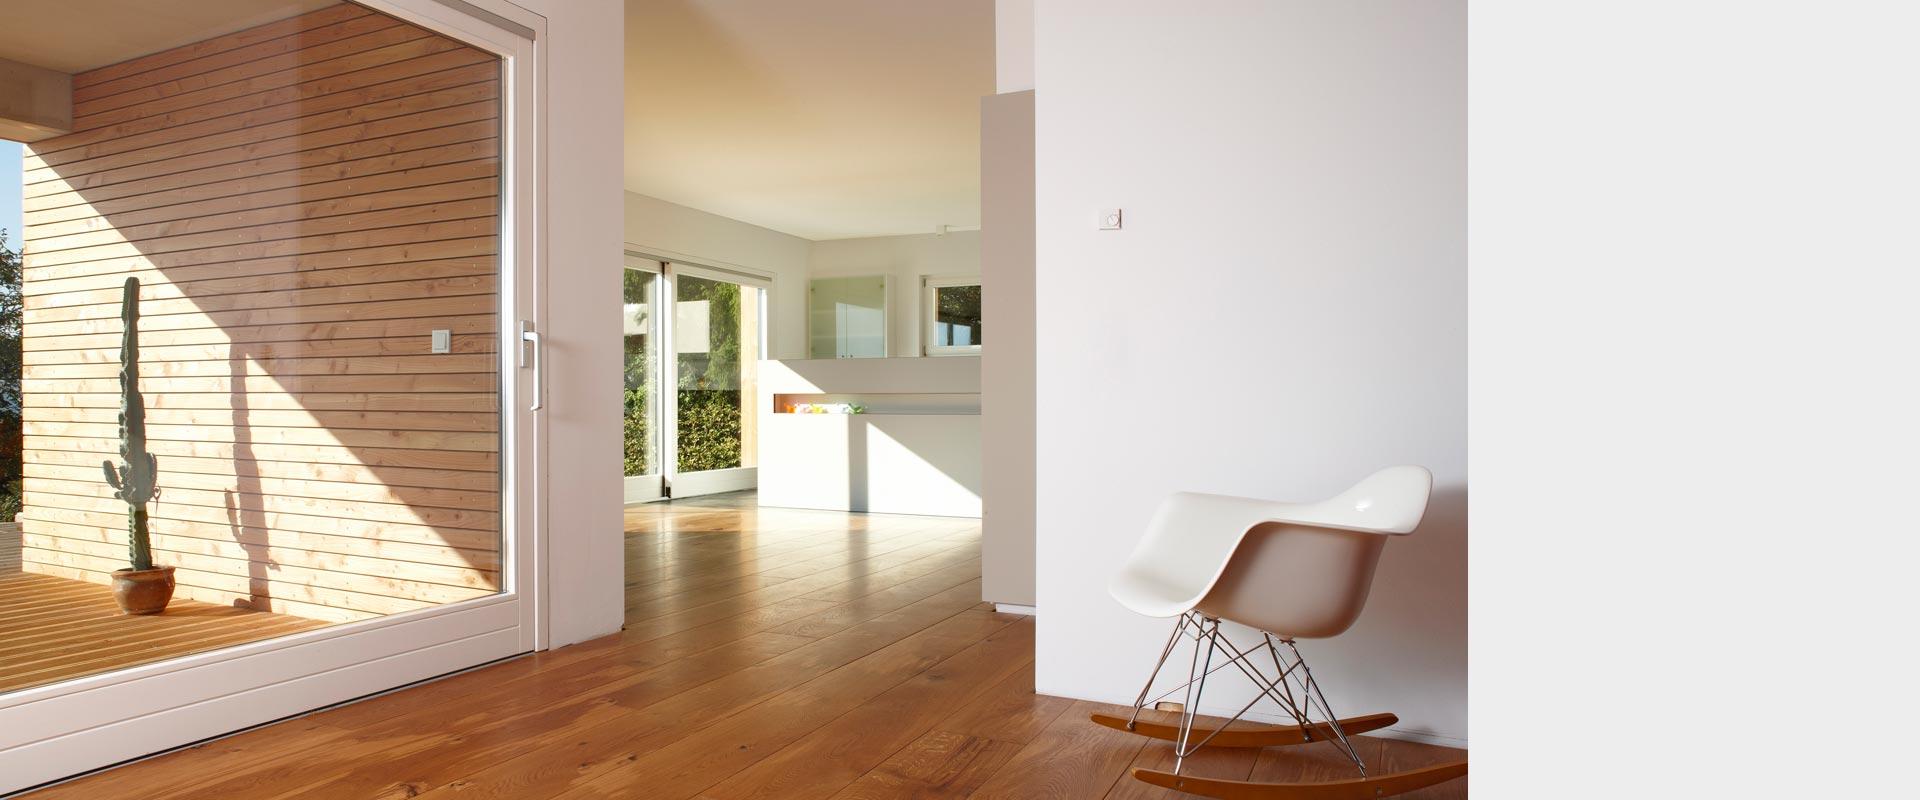 architekturbuero_henning_musahl_waldshut_wohnhaus_s_06